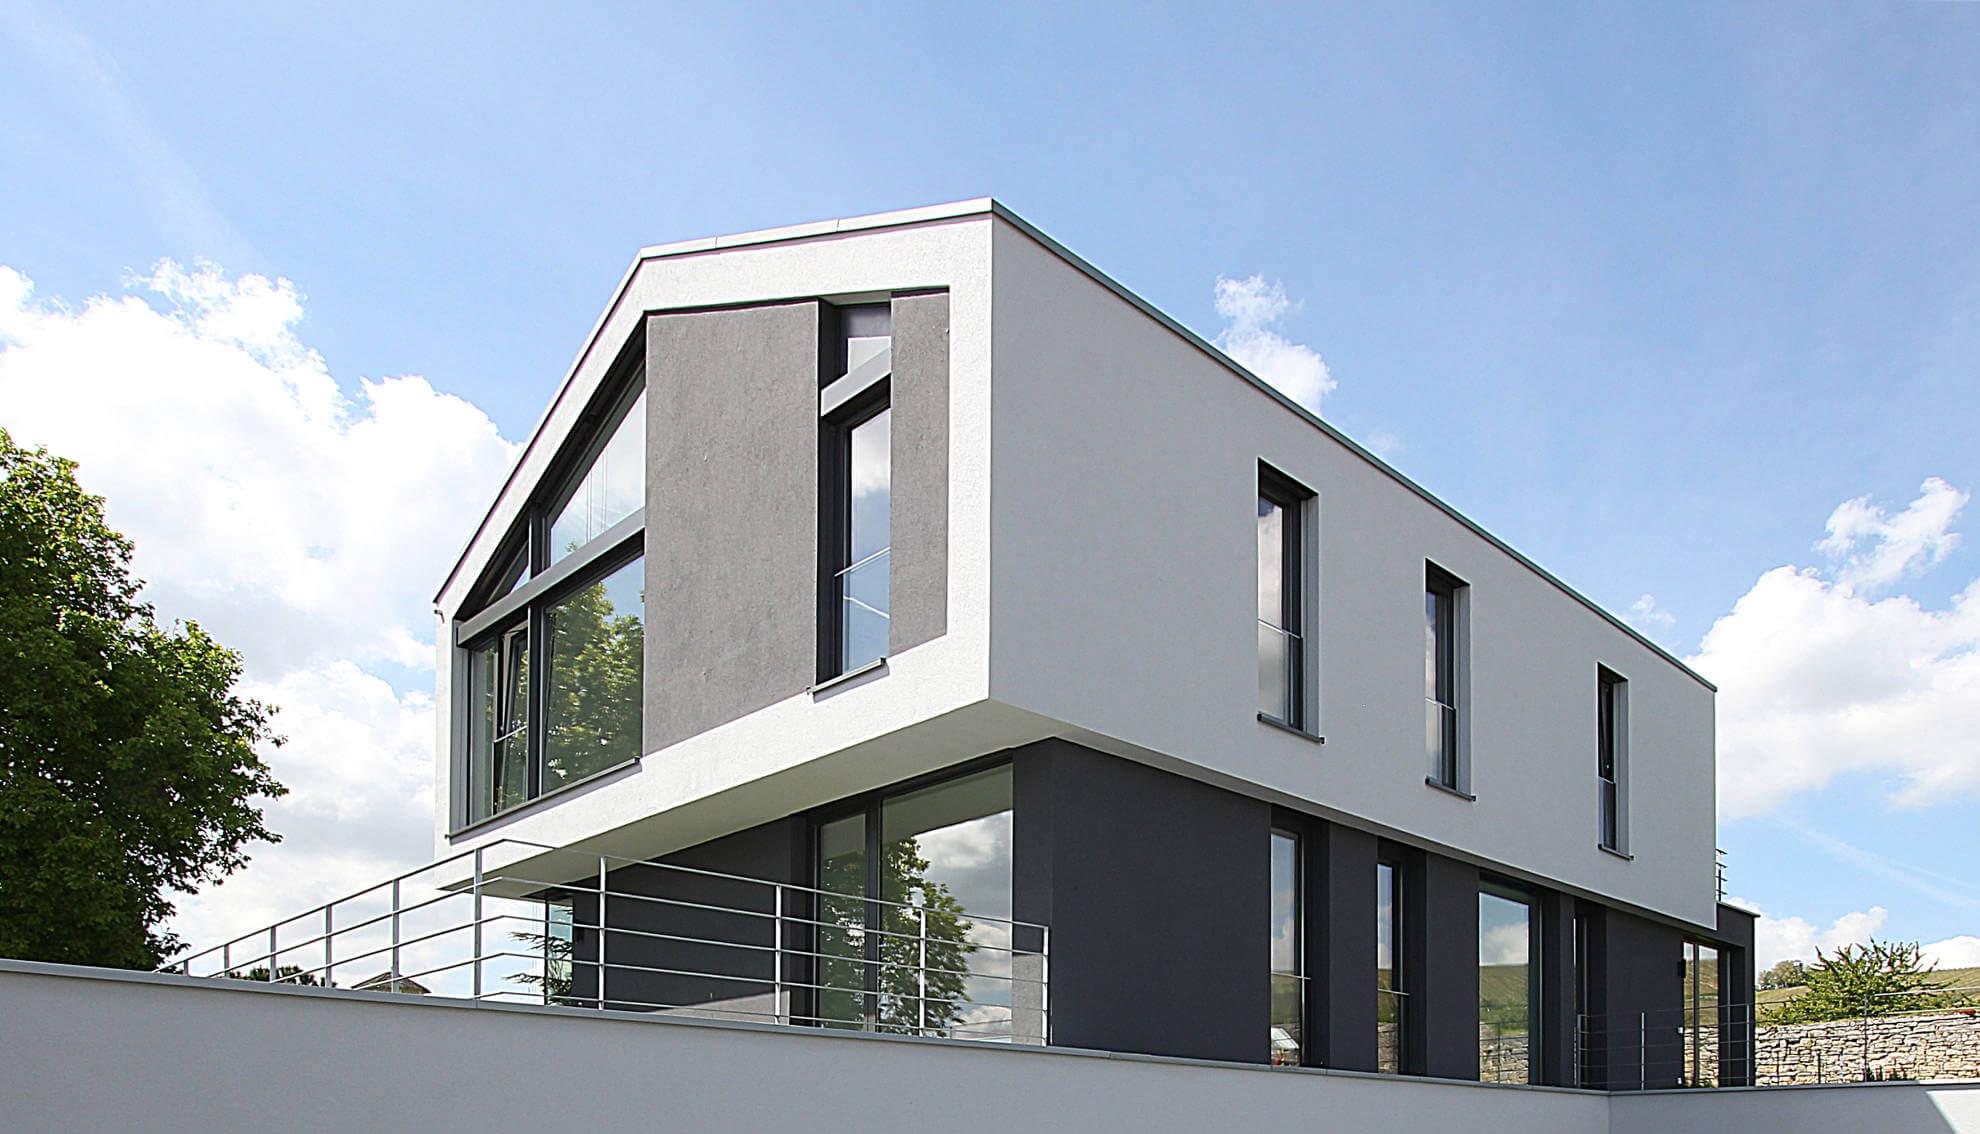 App-03-marcbetz architekten